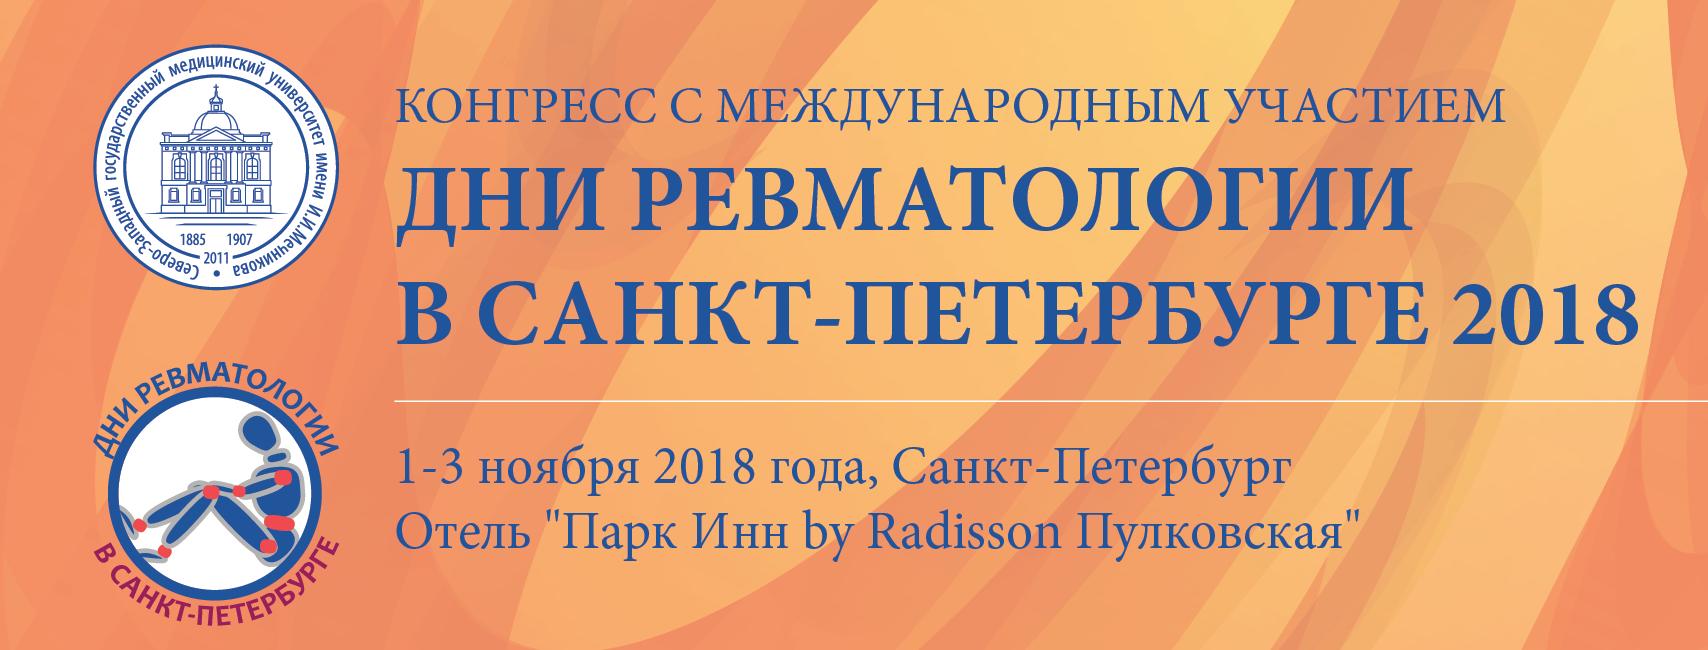 Картинки по запросу дни ревматологии в санкт-петербурге 2018